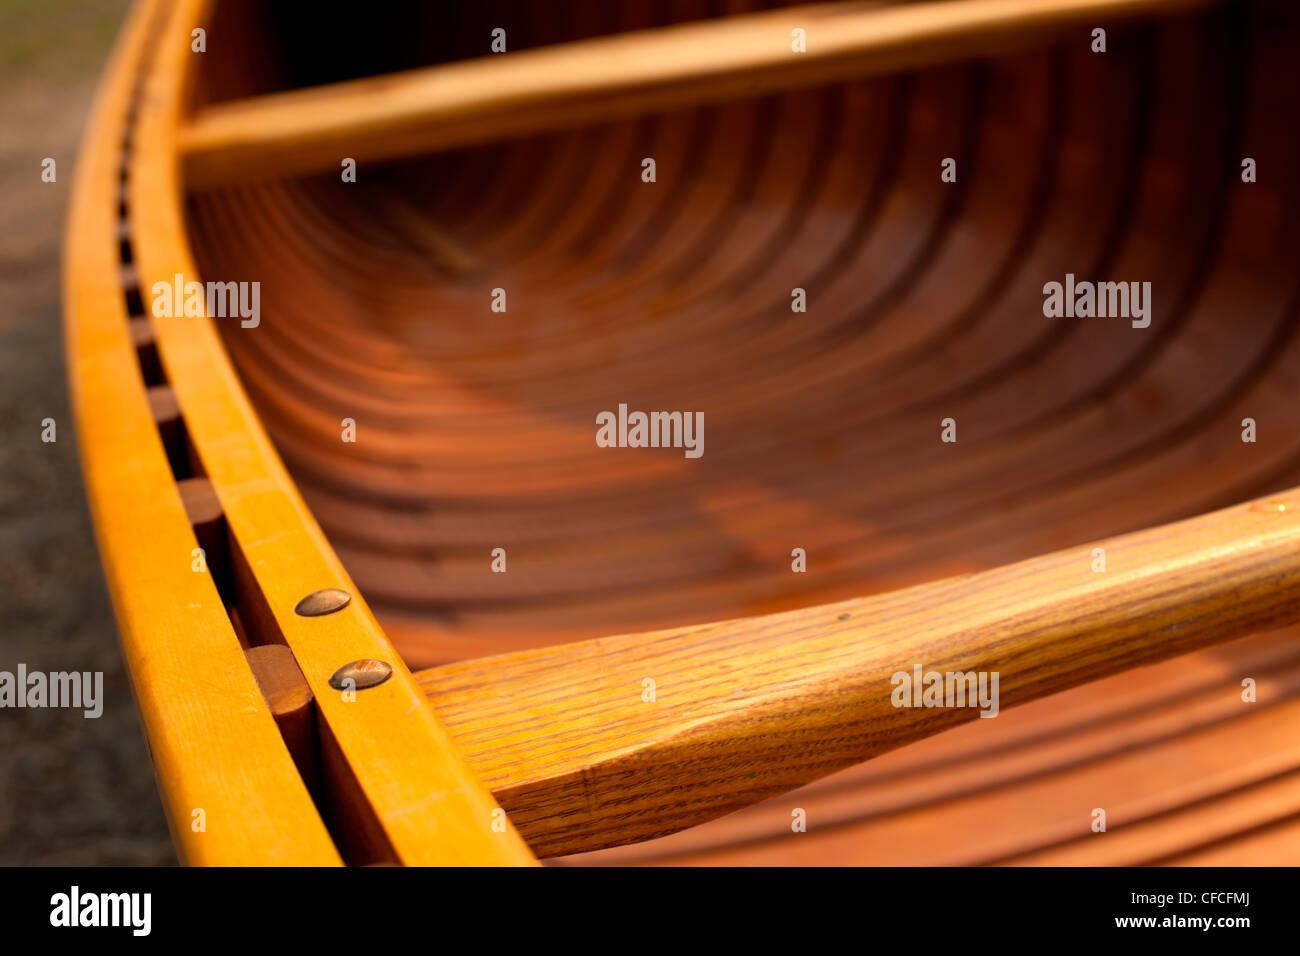 Details zu den Dollborden auf eine Zeder Streifen Kanu. Stockbild